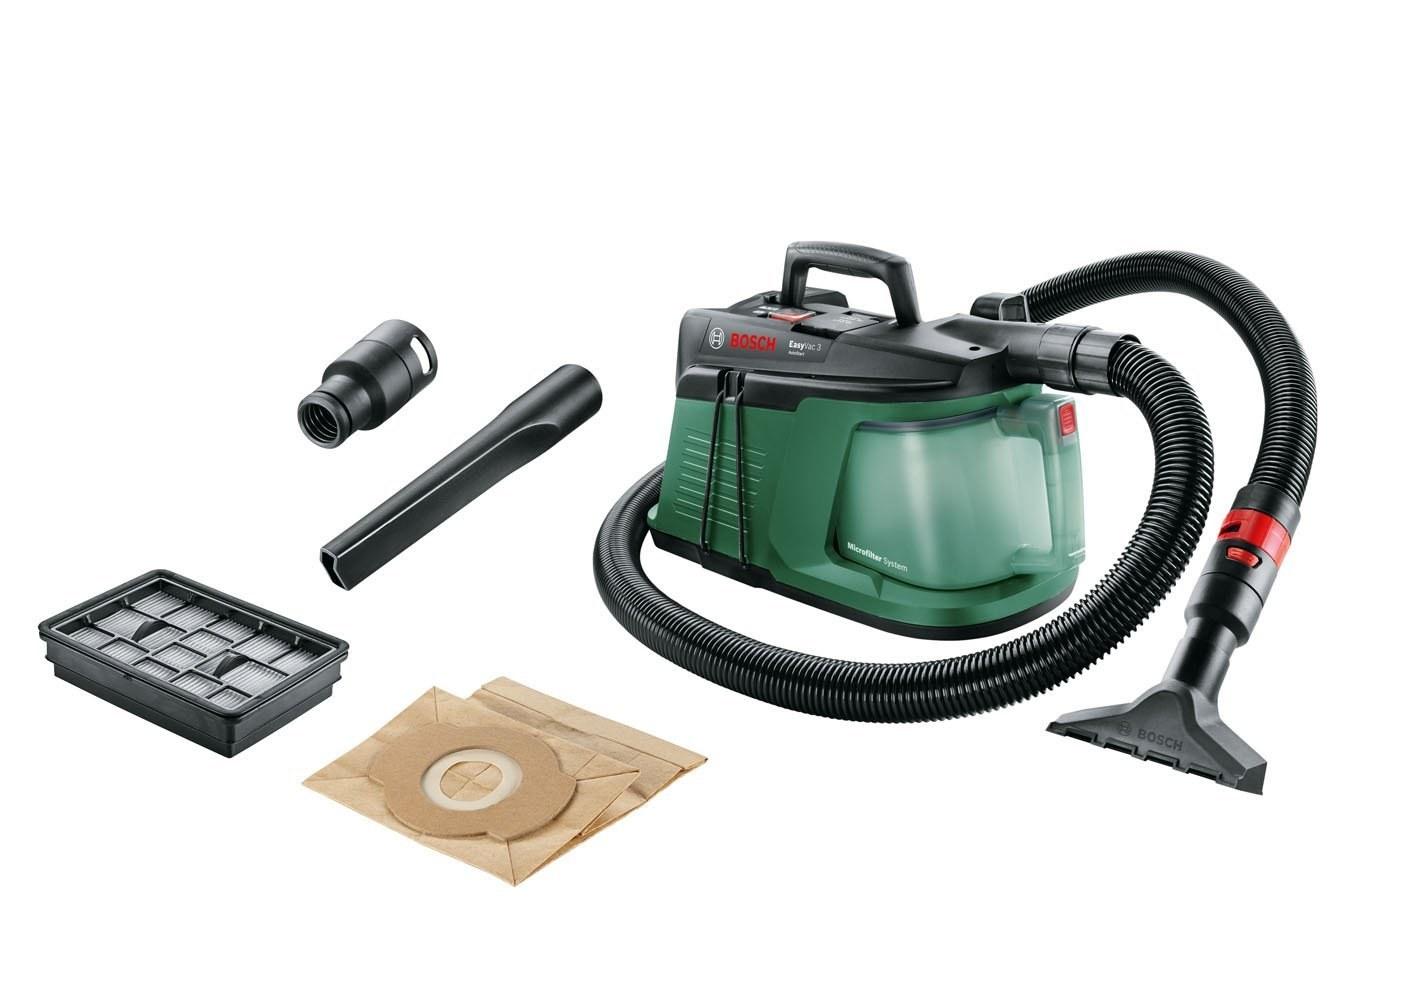 Dammsugare Bosch EasyVac 3 06033D1000 Dammsugare